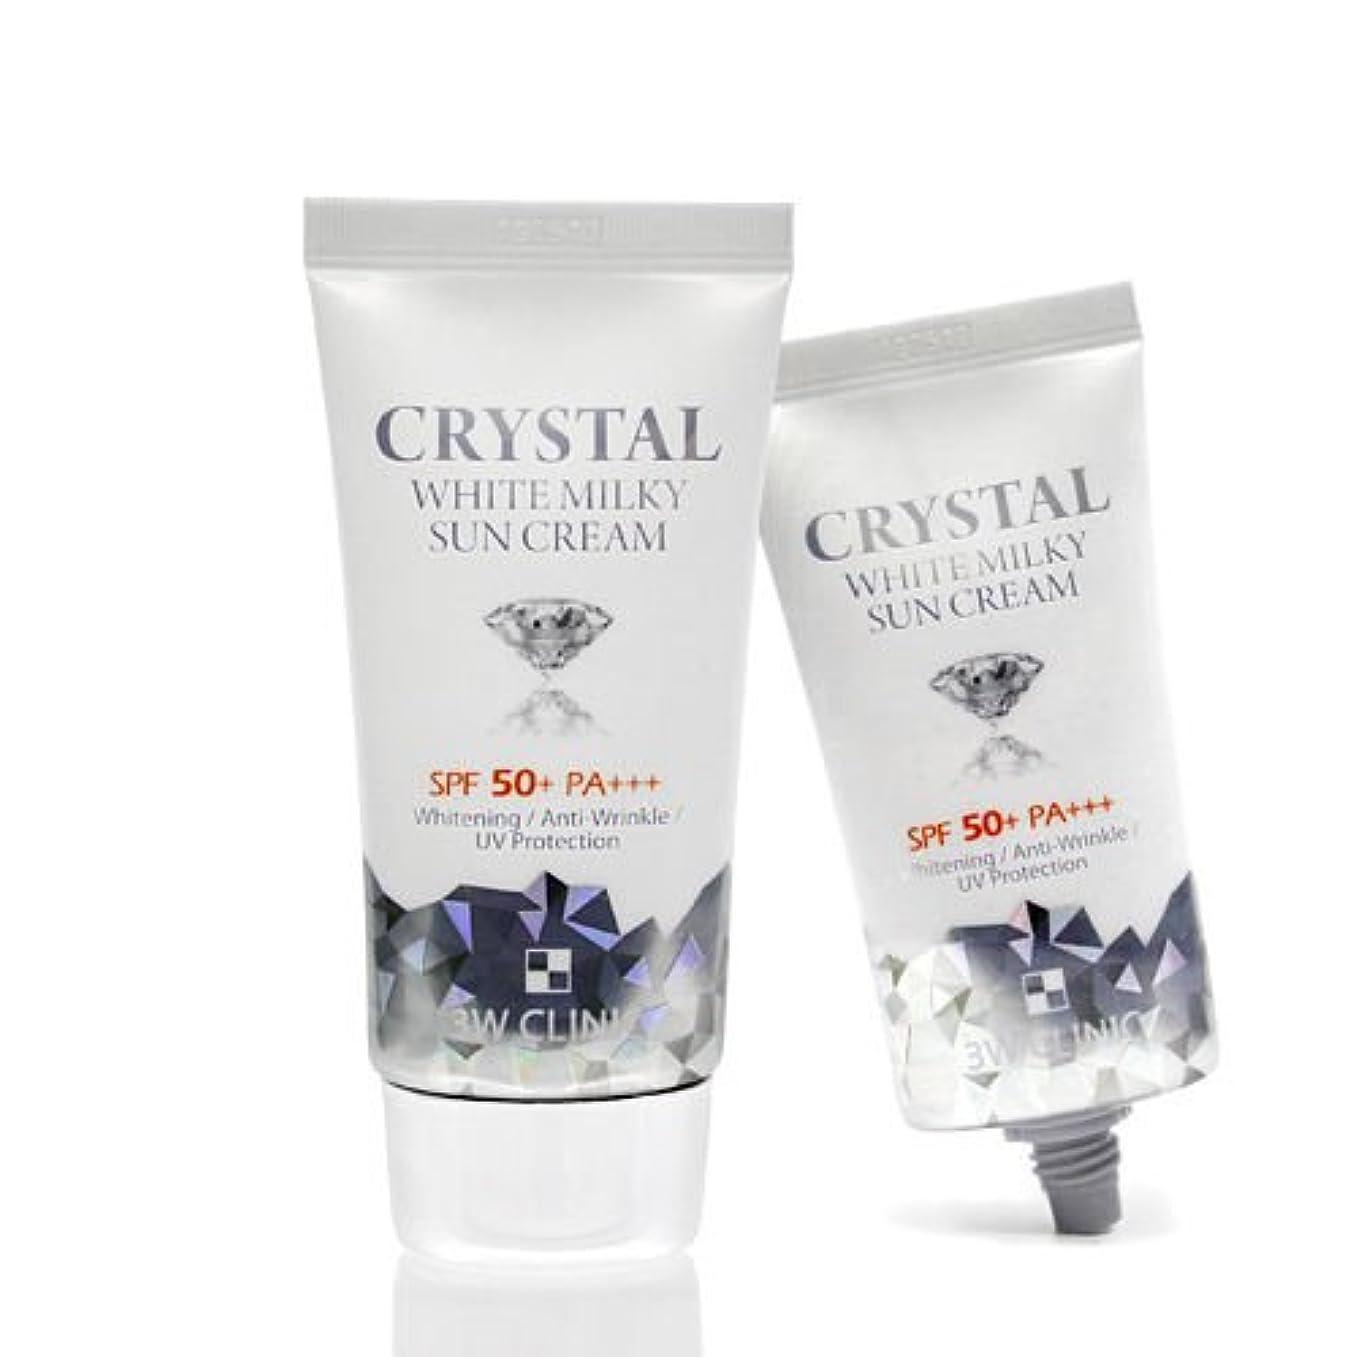 爆風減衰デッドロック3Wクリニック[韓国コスメ3w Clinic]Crystal White Milky Sun Cream クリスタルホワイトミルキー 日焼け止めクリーム50ml[並行輸入品]